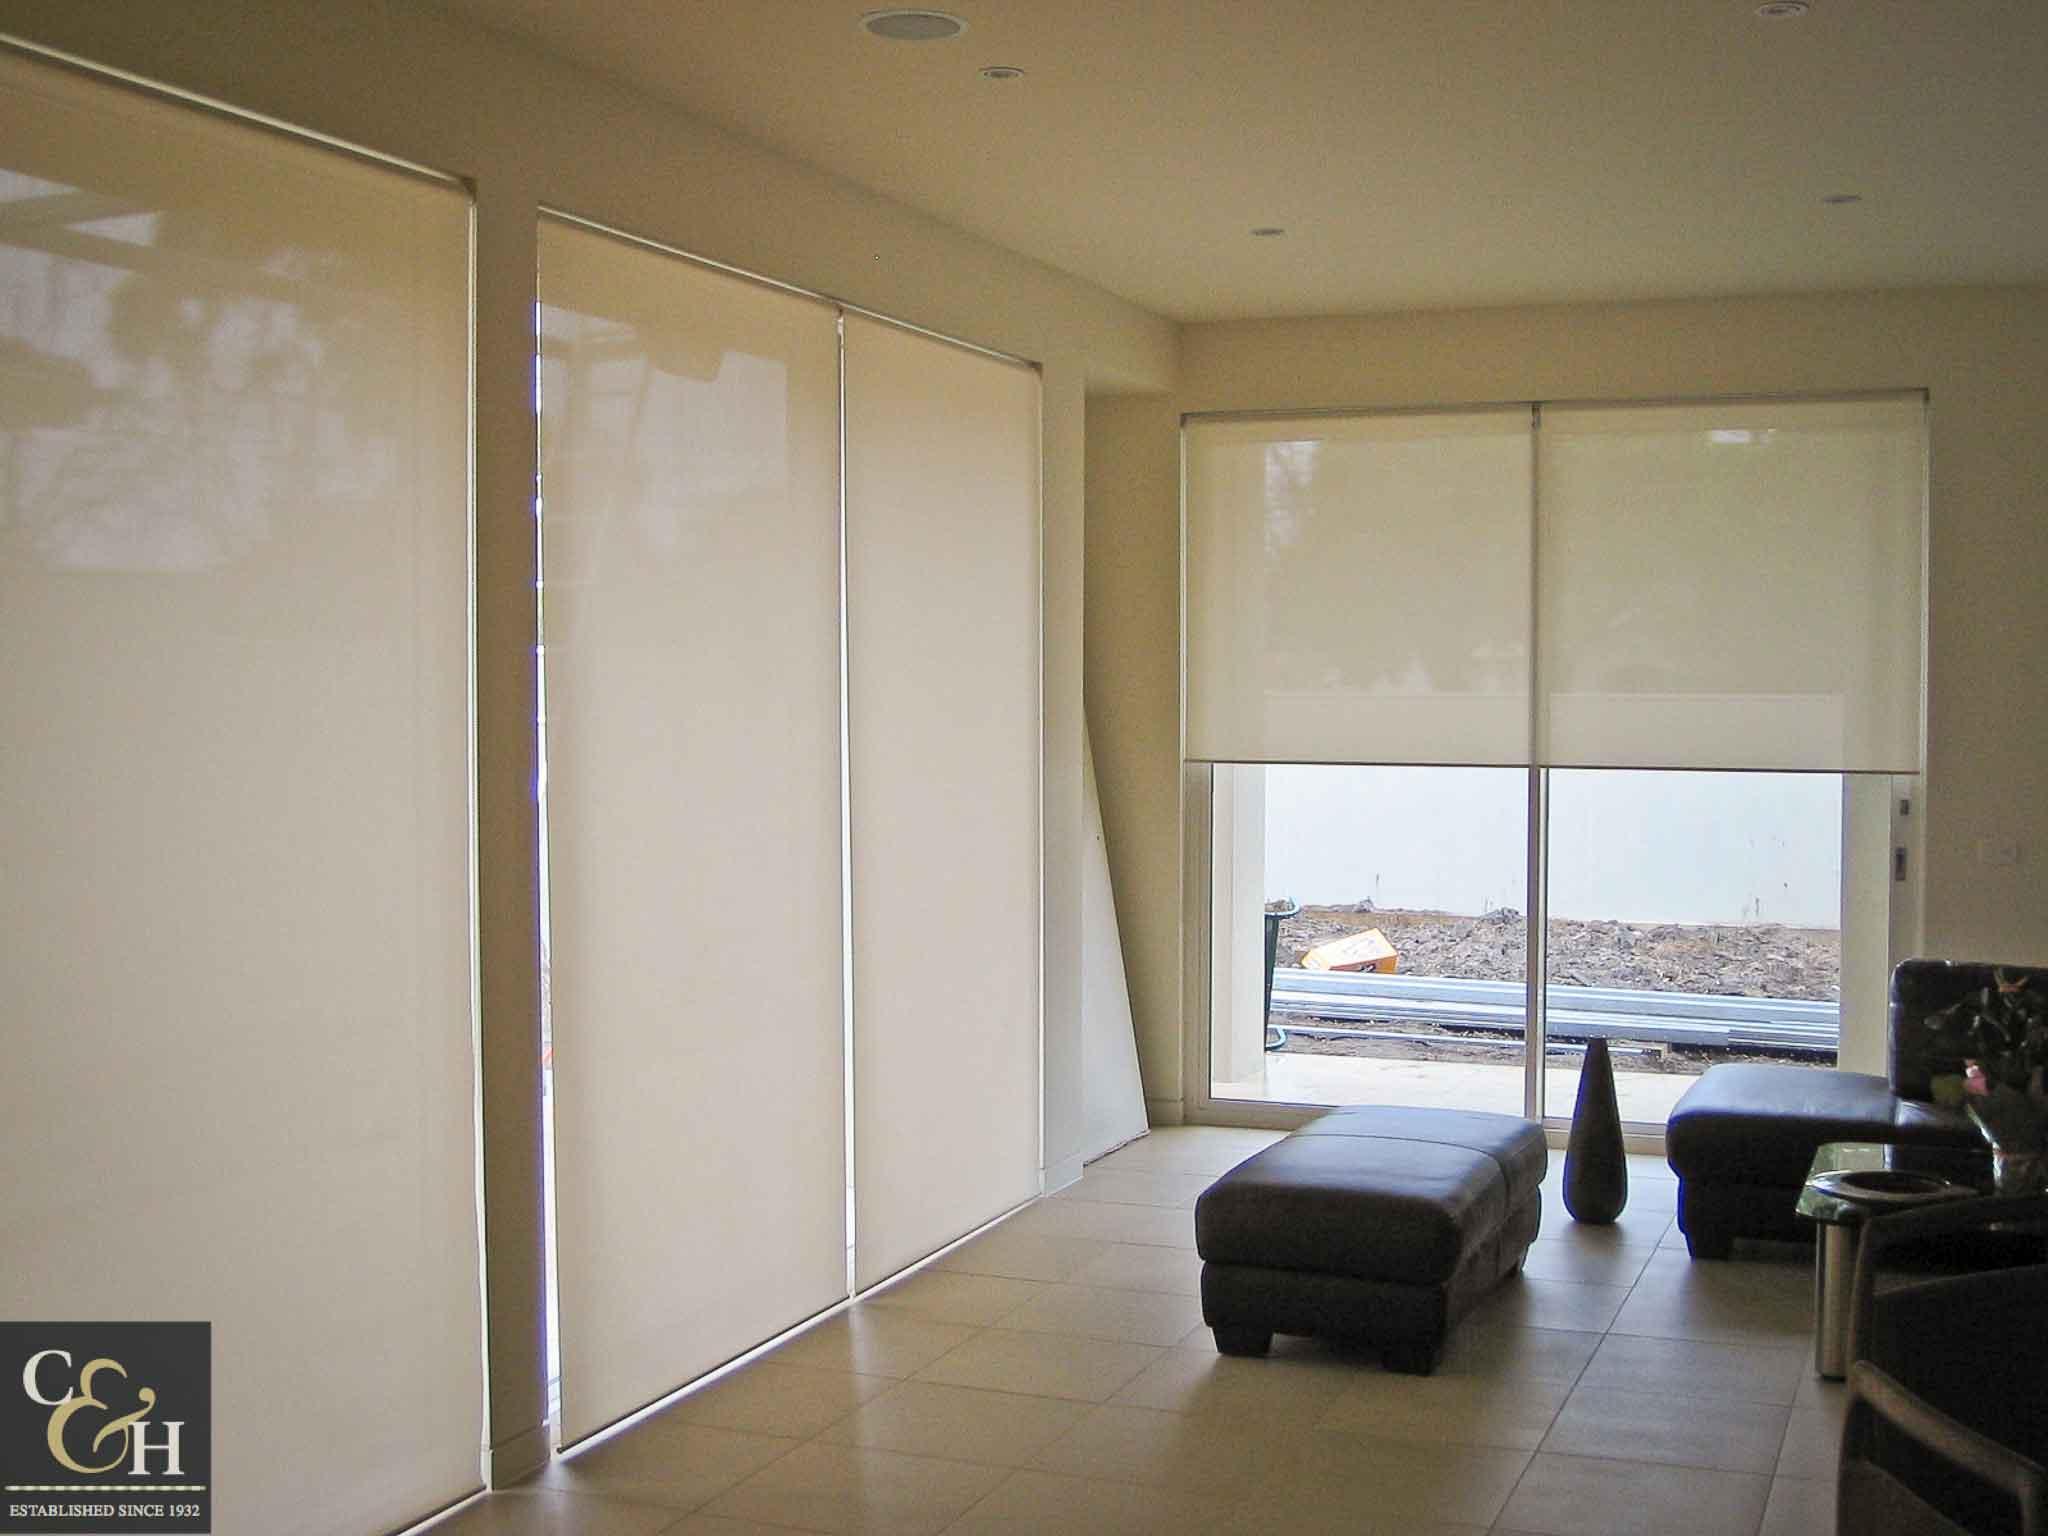 Screen-Roller-Blinds-8 inside a house